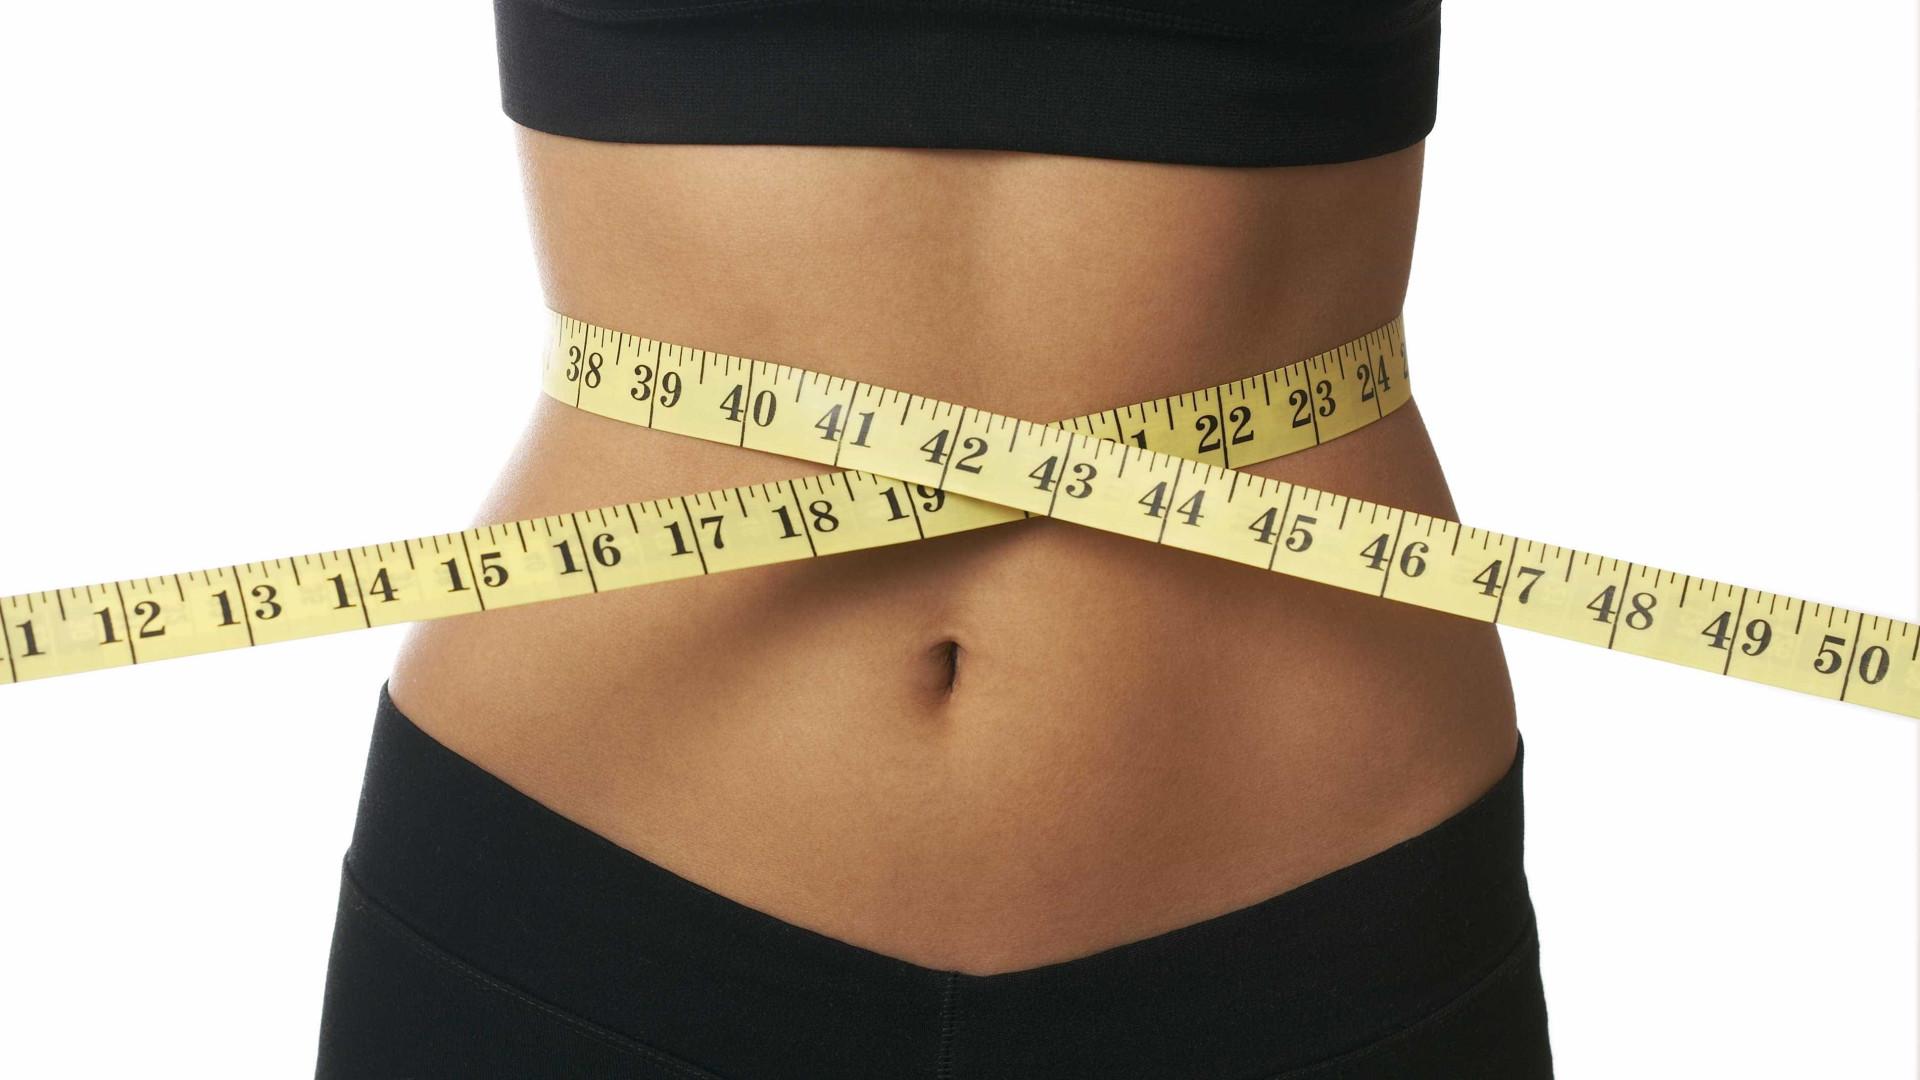 Descubra a forma mais fácil de perder peso